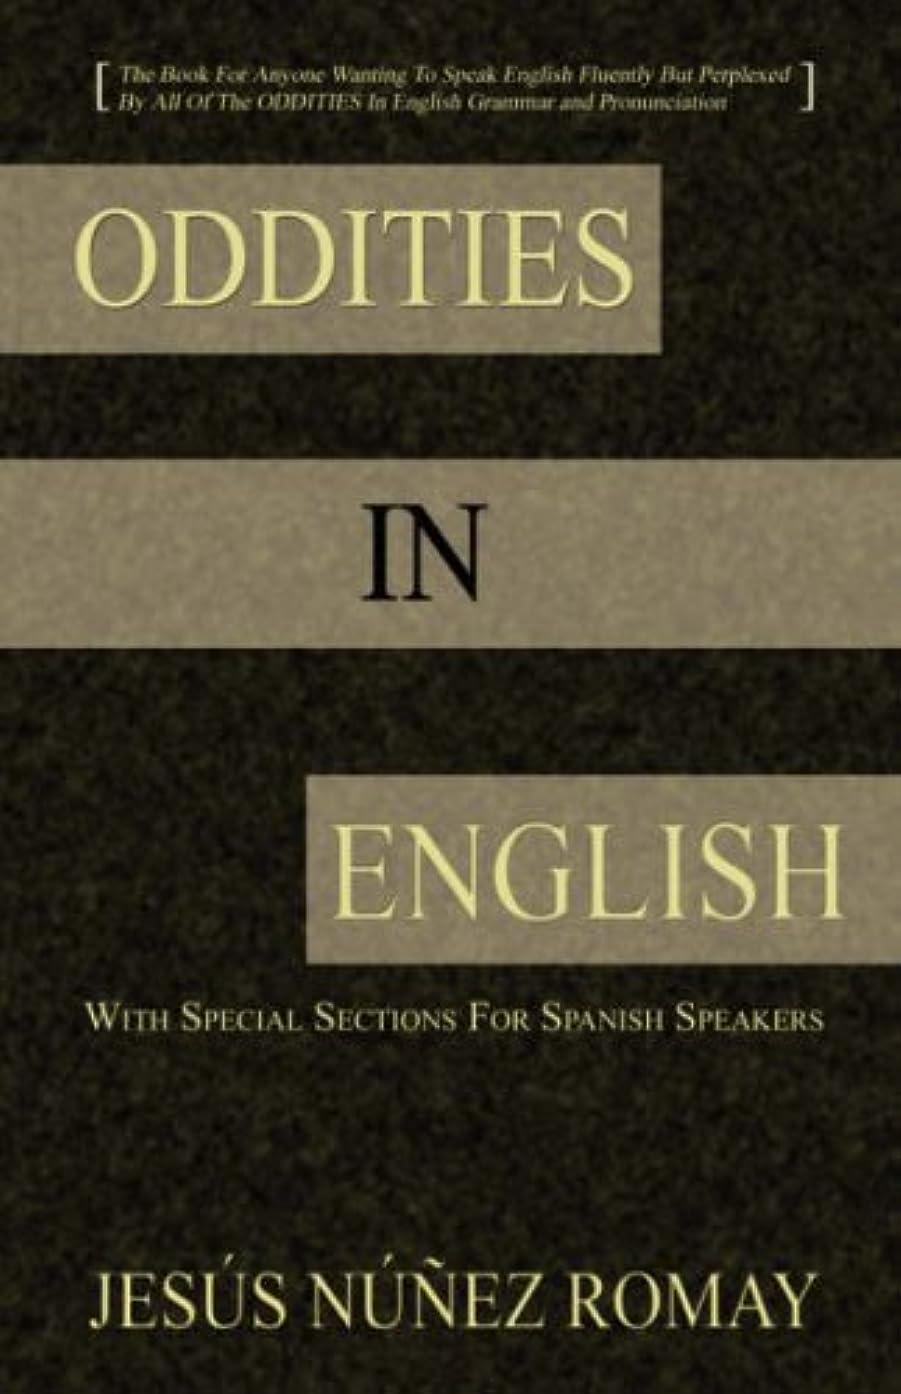 入る一流泣くOddities in English: For Anyone Wanting to Speak English Fluently but Perplexed by All of the Oddities in English Grammar and Pronunciation